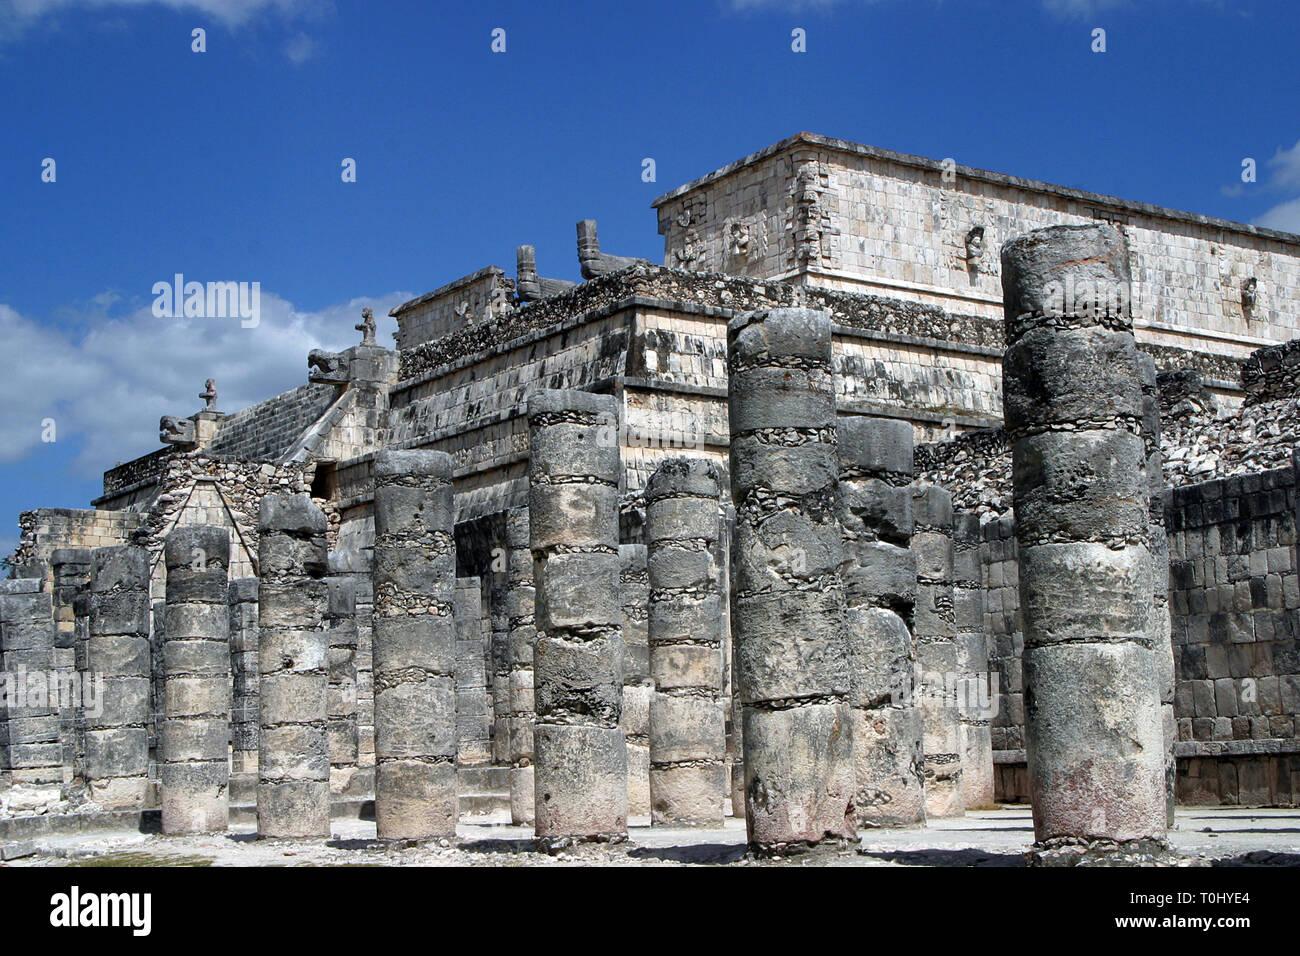 Zona arqueologica de Chichen Itza Zona arqueológica    Chichén ItzáChichén Itzá maya: (Chichén) Boca del pozo;   de los (Itzá) brujos de agua.   Es uno de los principales sitios arqueológicos de la   península de Yucatán, en México, ubicado en el municipio de Tinum.  Photo: ©Francisco Morales/DAMMPHOTO.COM/NORTEPHOTO Stock Photo